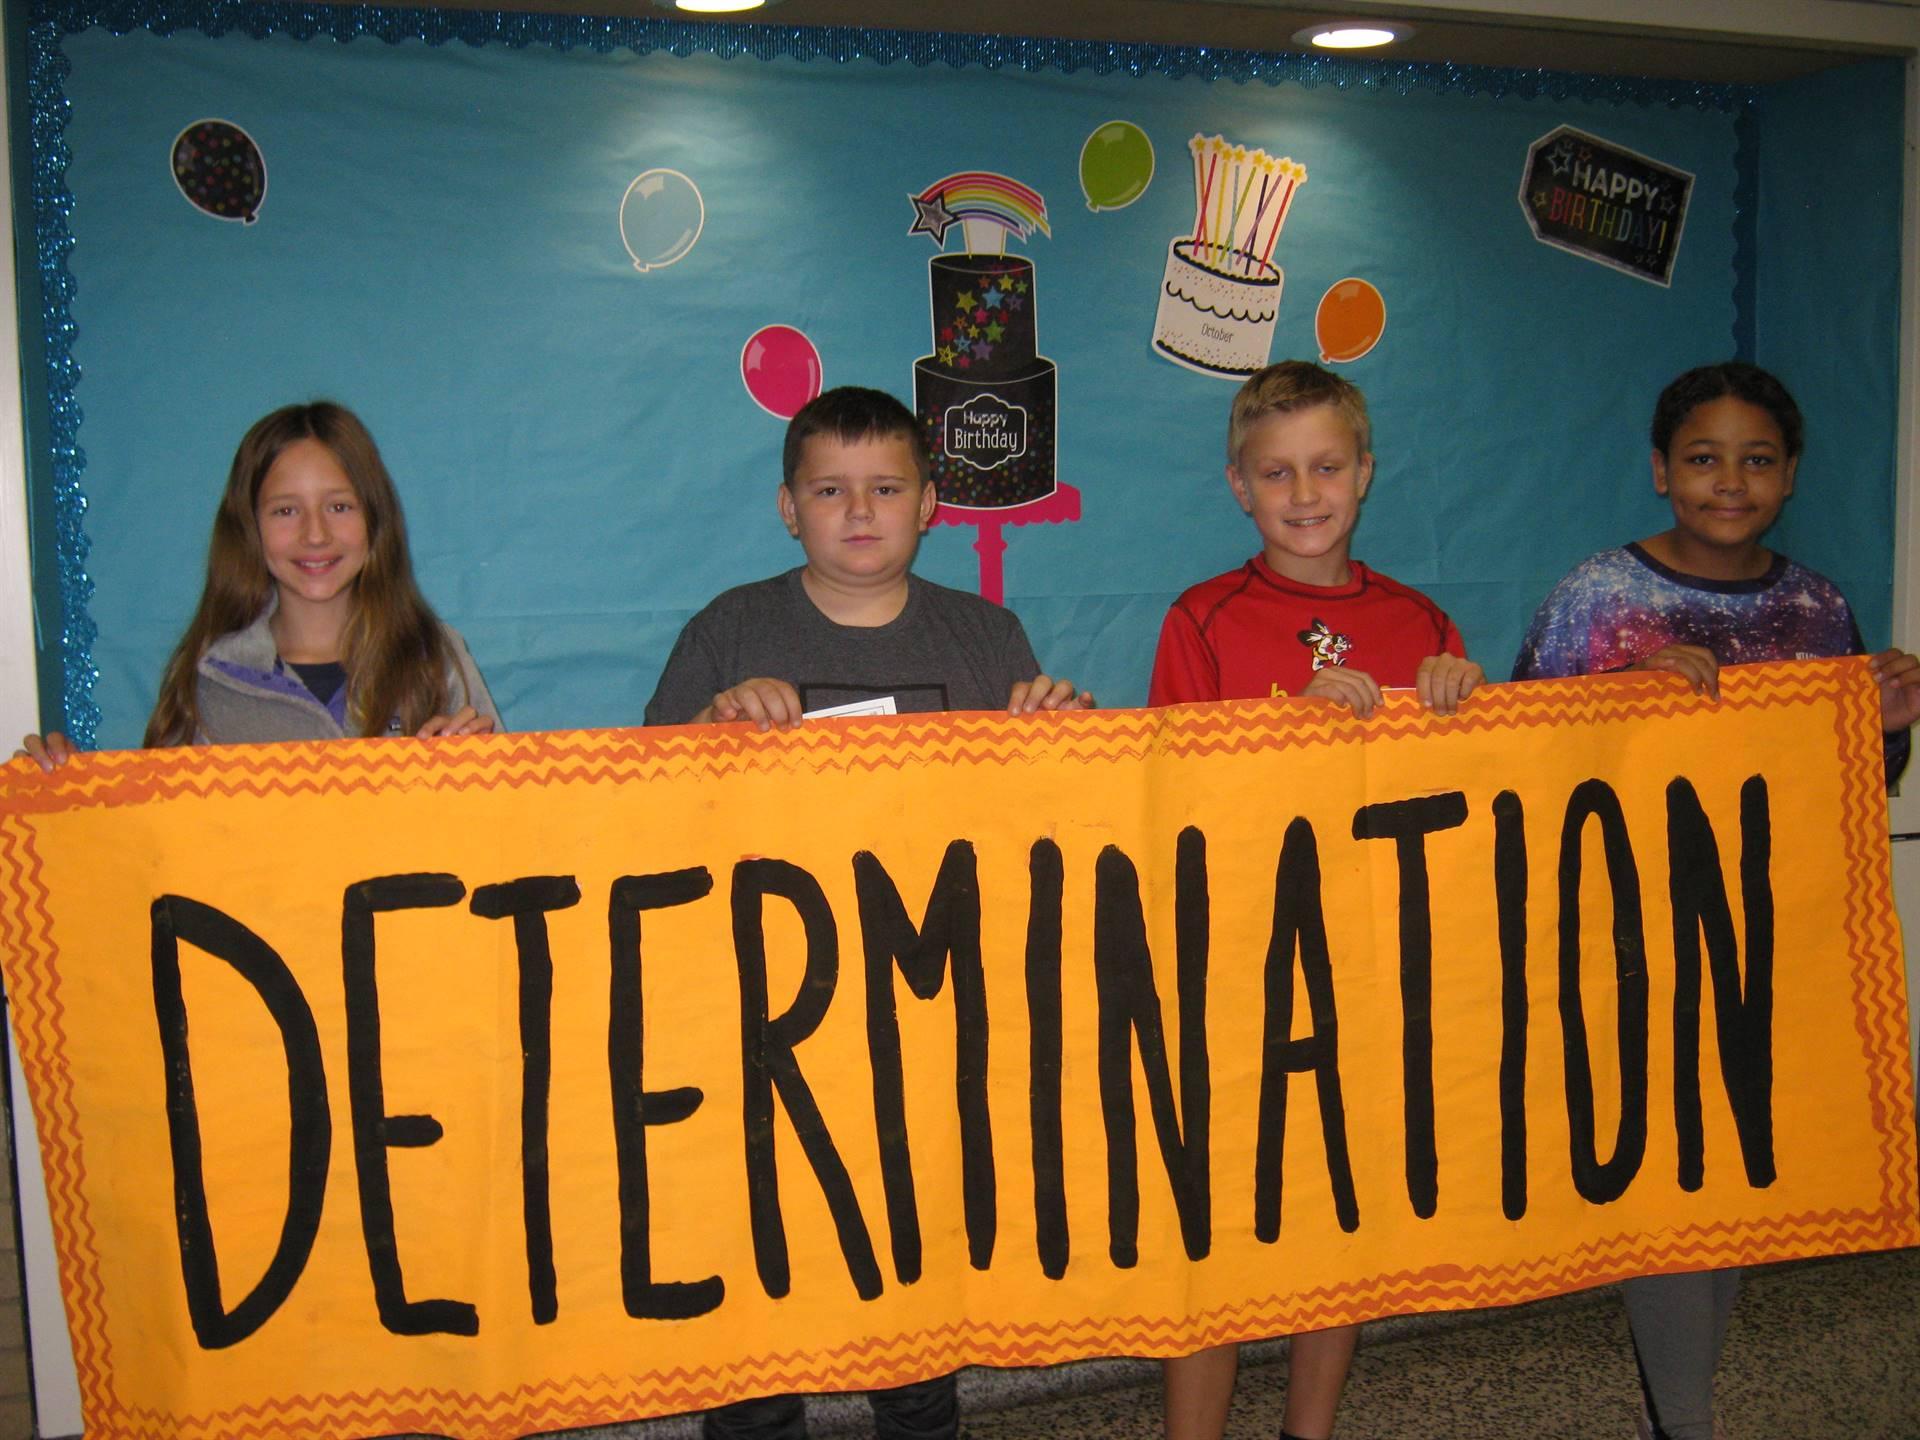 Determination middle school banner